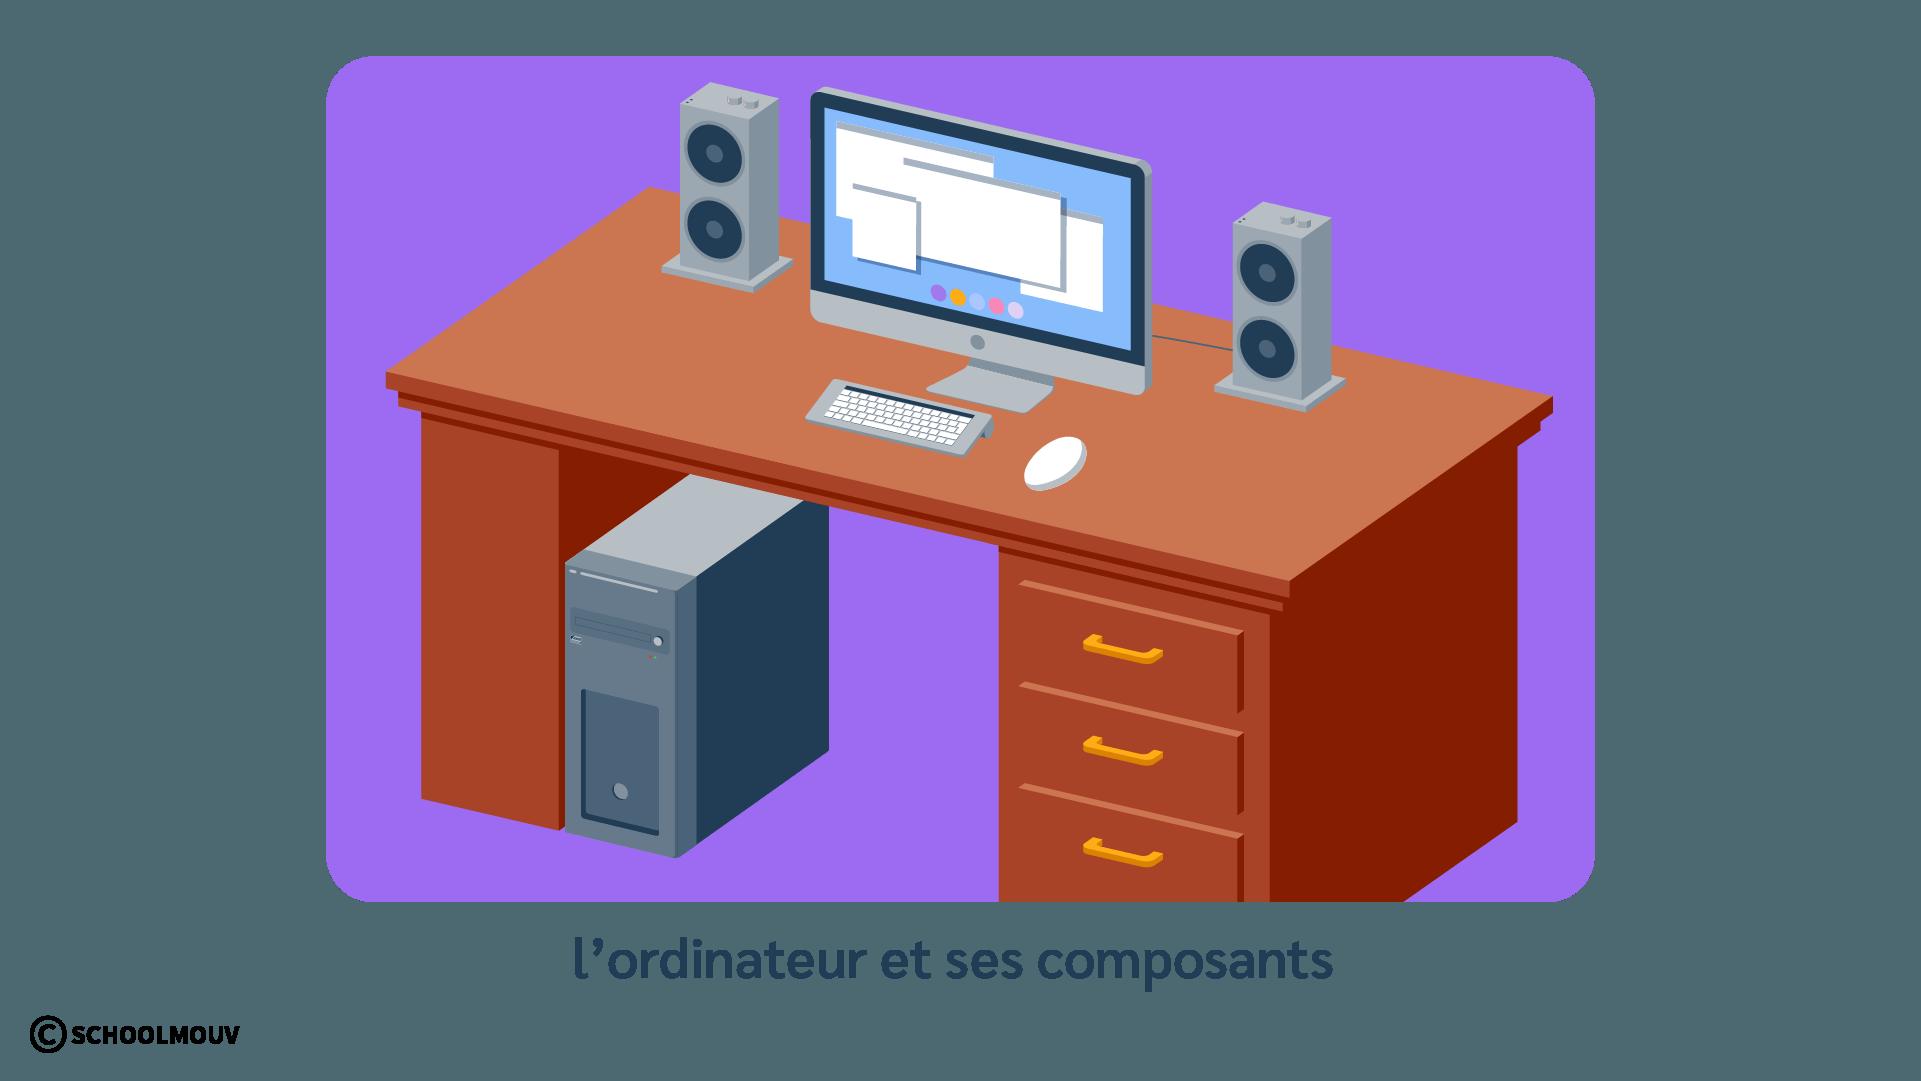 Bureau - Ordinateur - Composants - Clavier - Souris - Enceintes - Écran - SchoolMouv - Sciences - CP